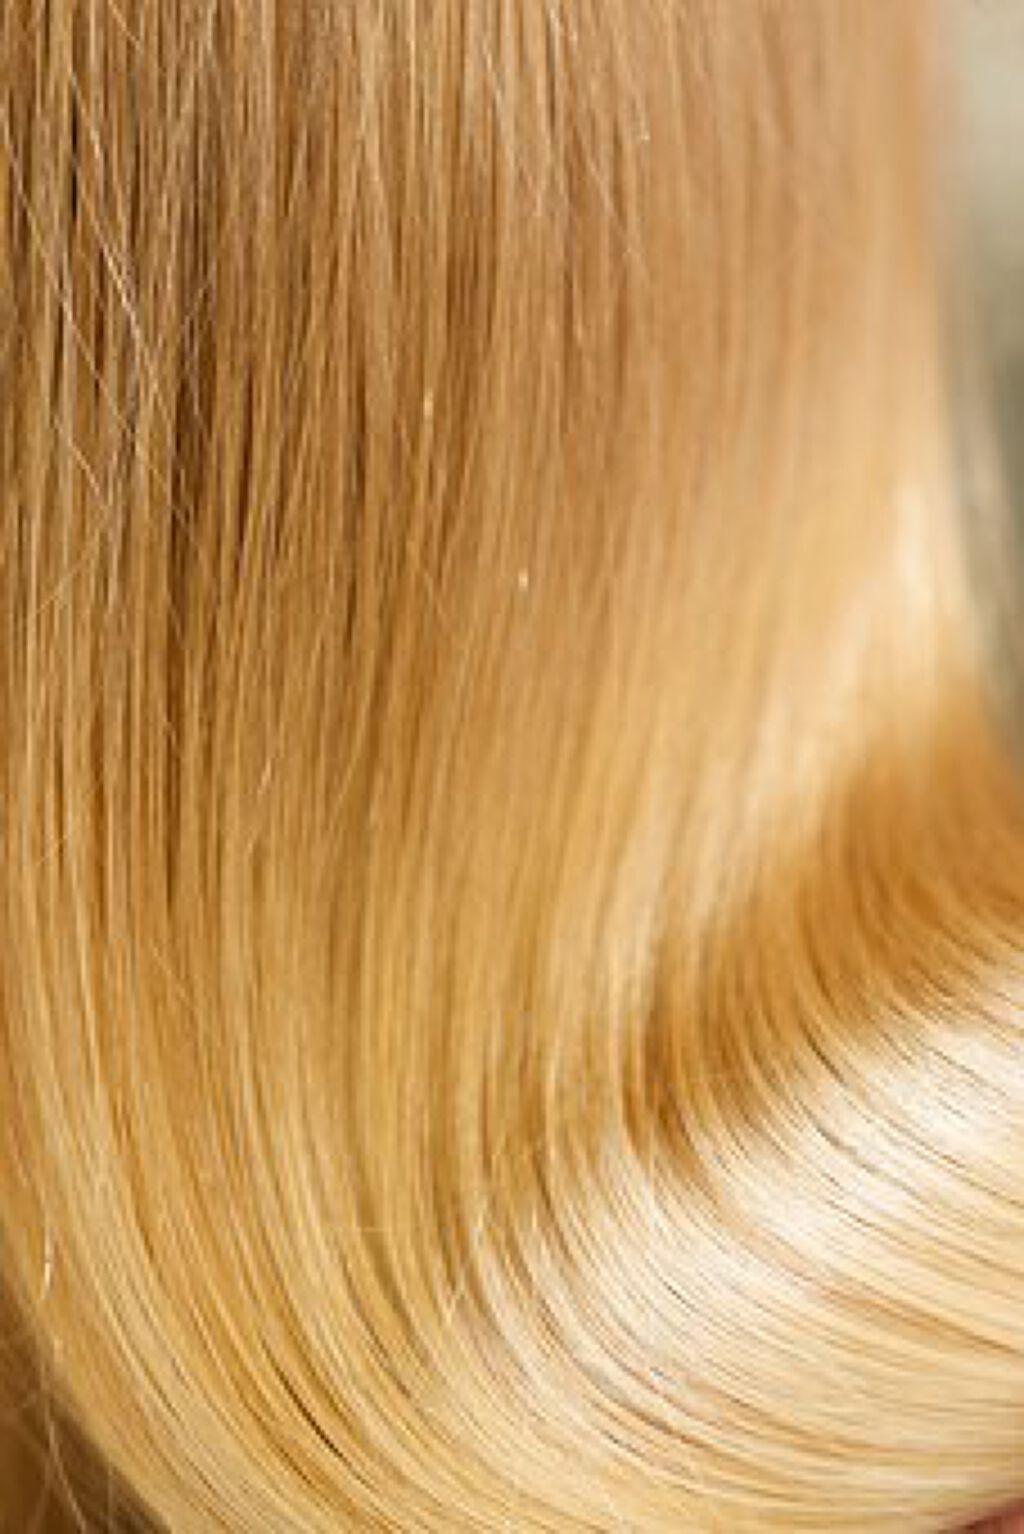 髪の毛のダメージは大丈夫?口コミで人気のヘアオイルを使ってケアしよう♡の画像